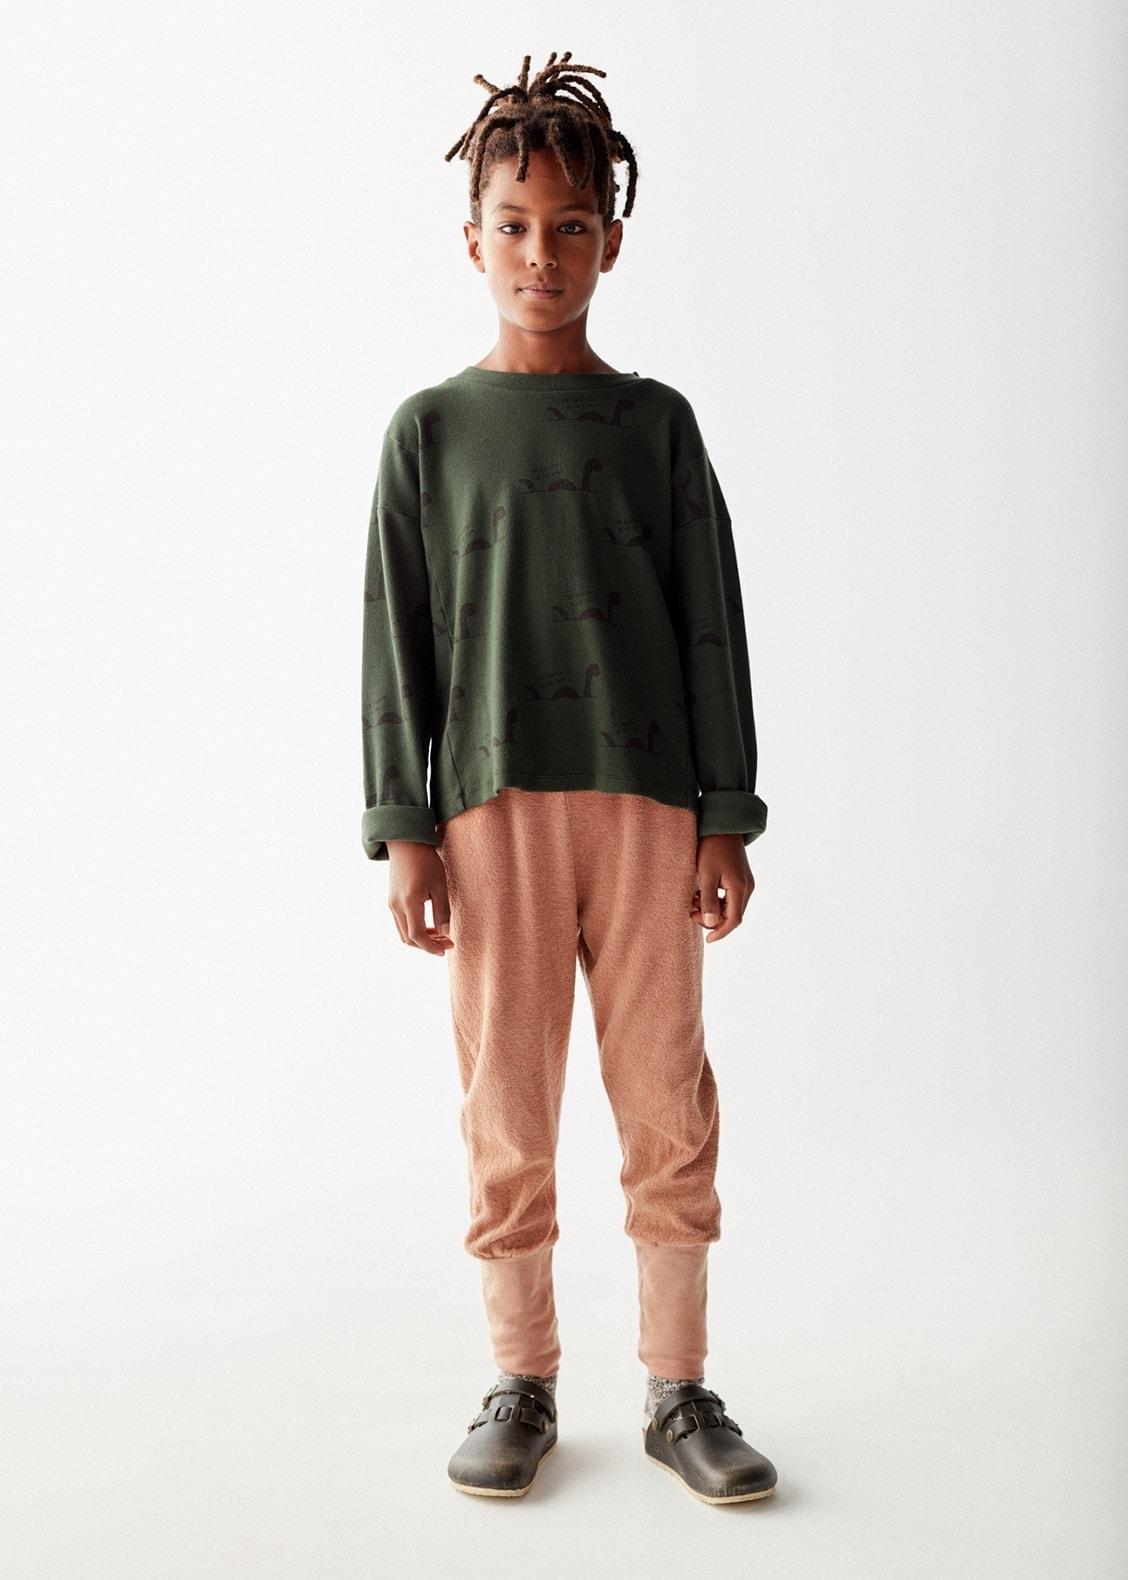 Towel-trousers-kid